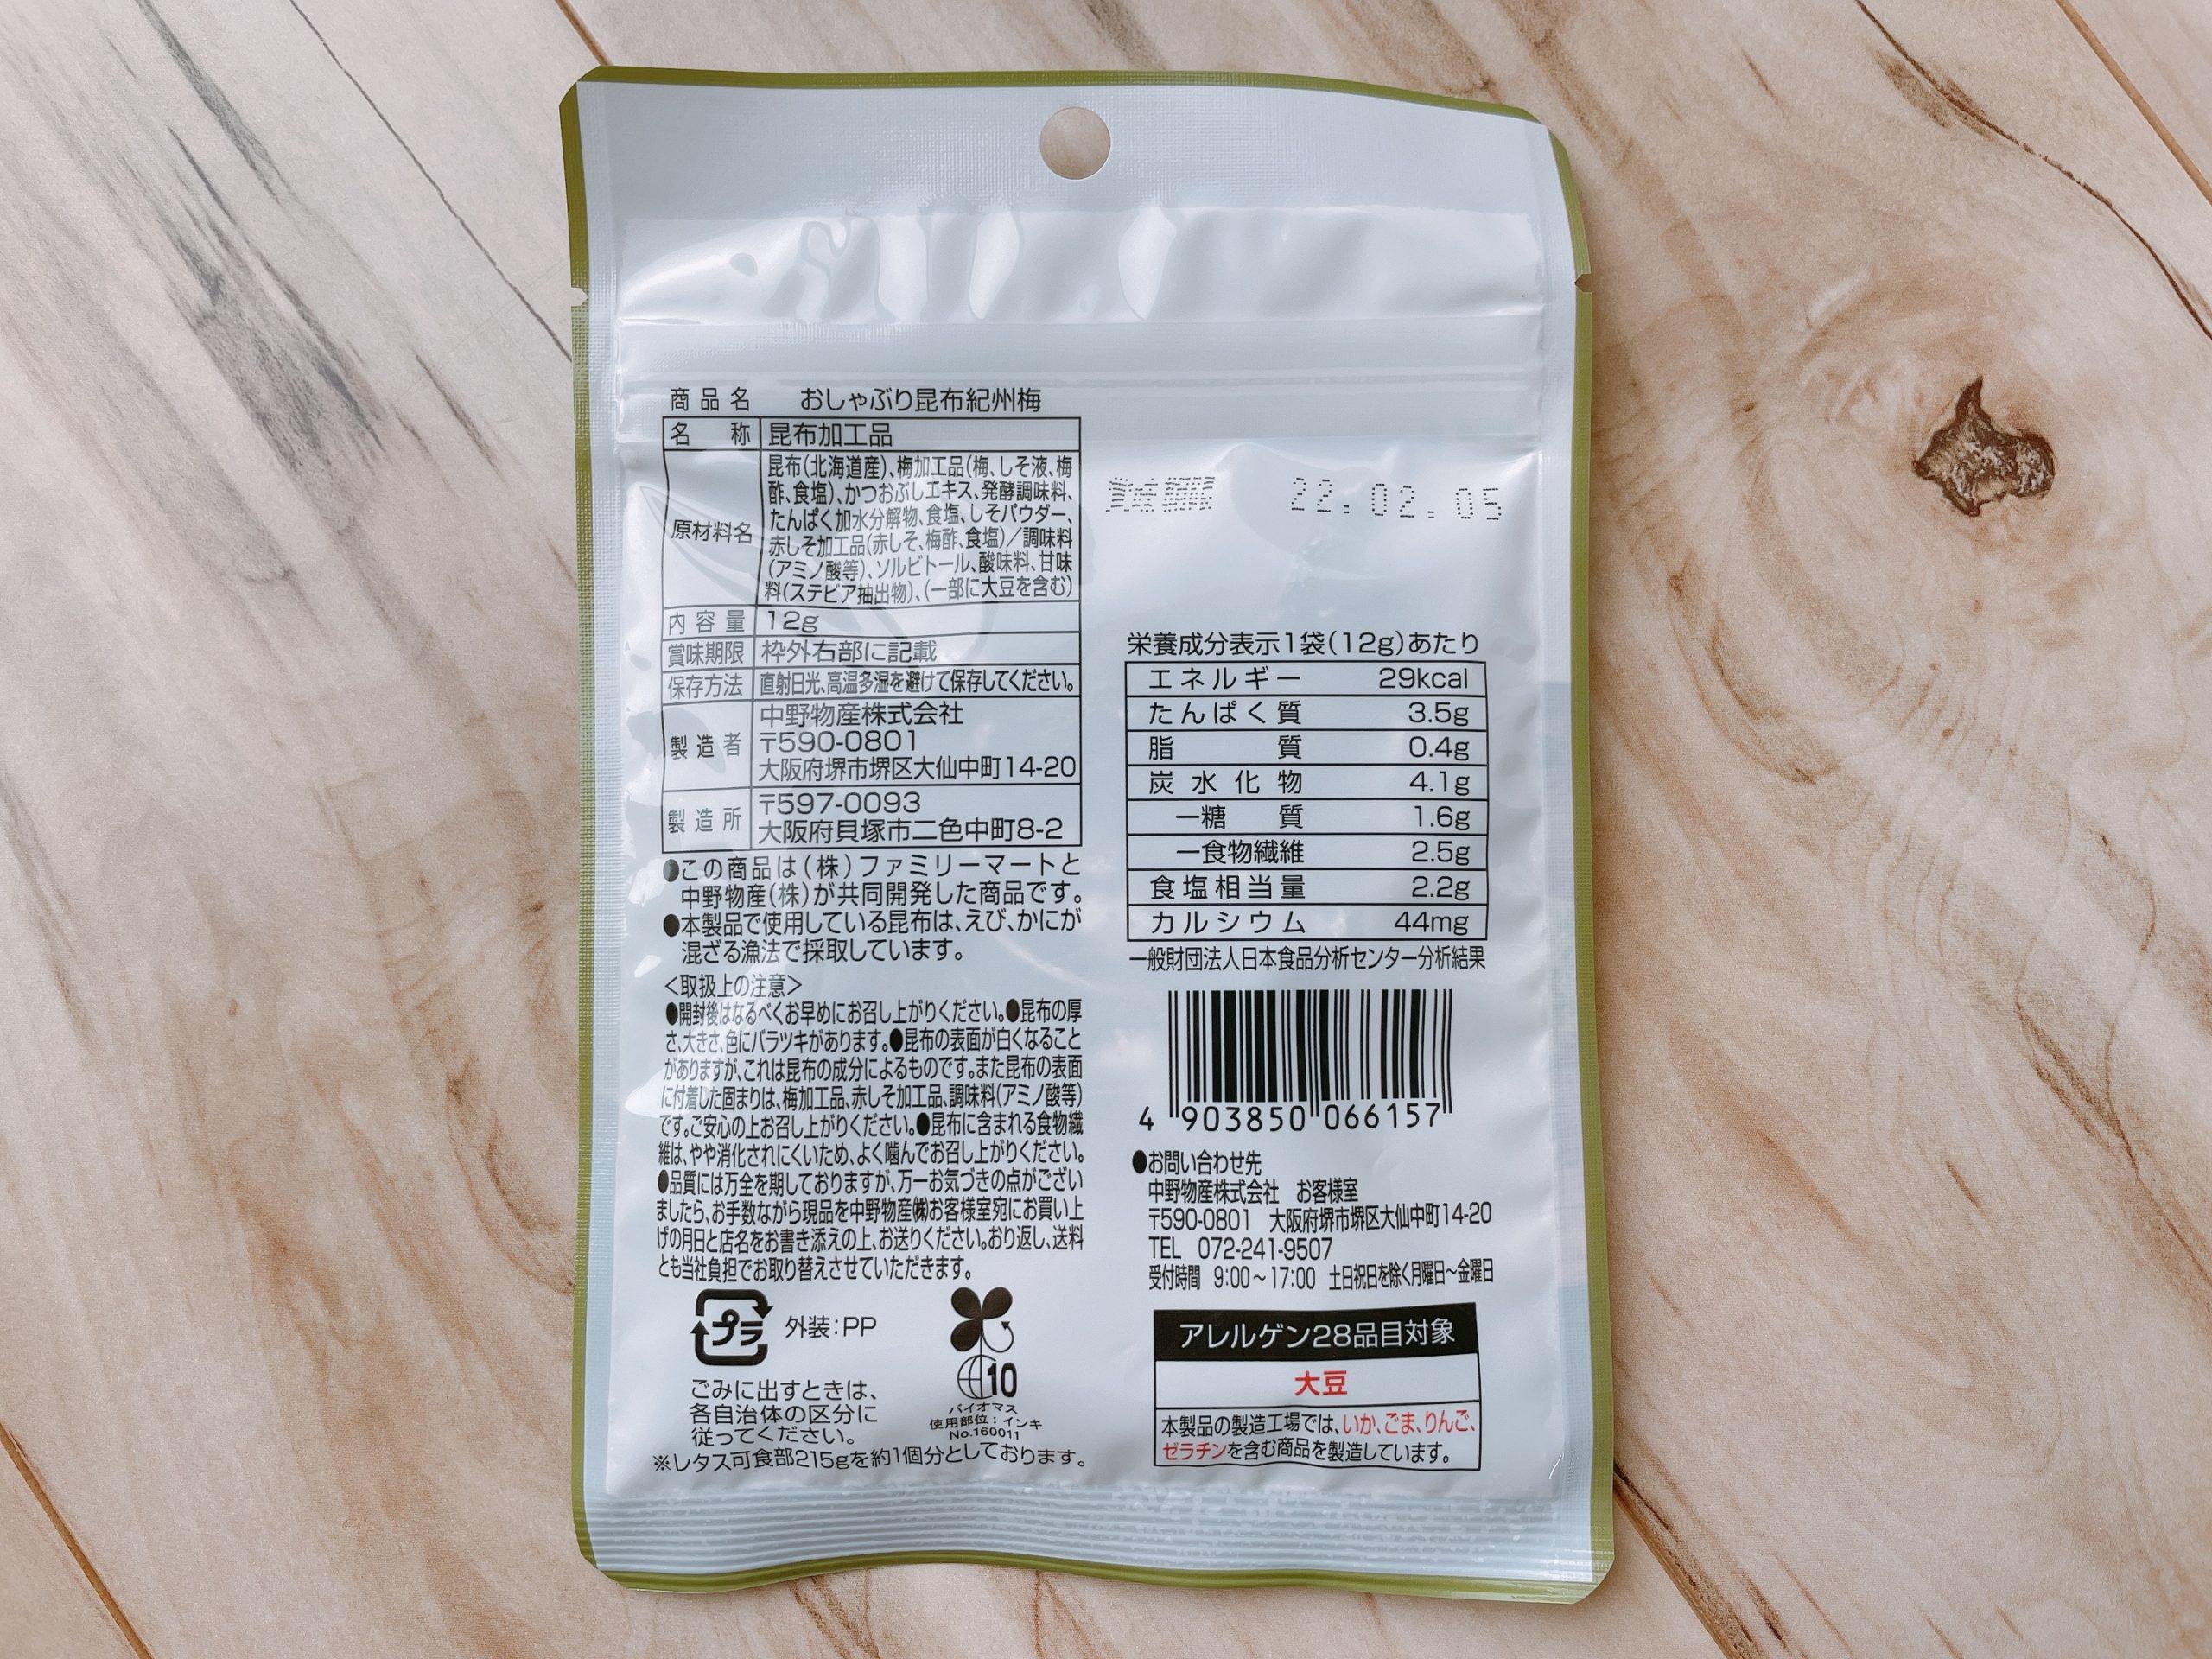 北海道産昆布を使用 おしゃぶり昆布紀州梅の原材料やカロリーなど